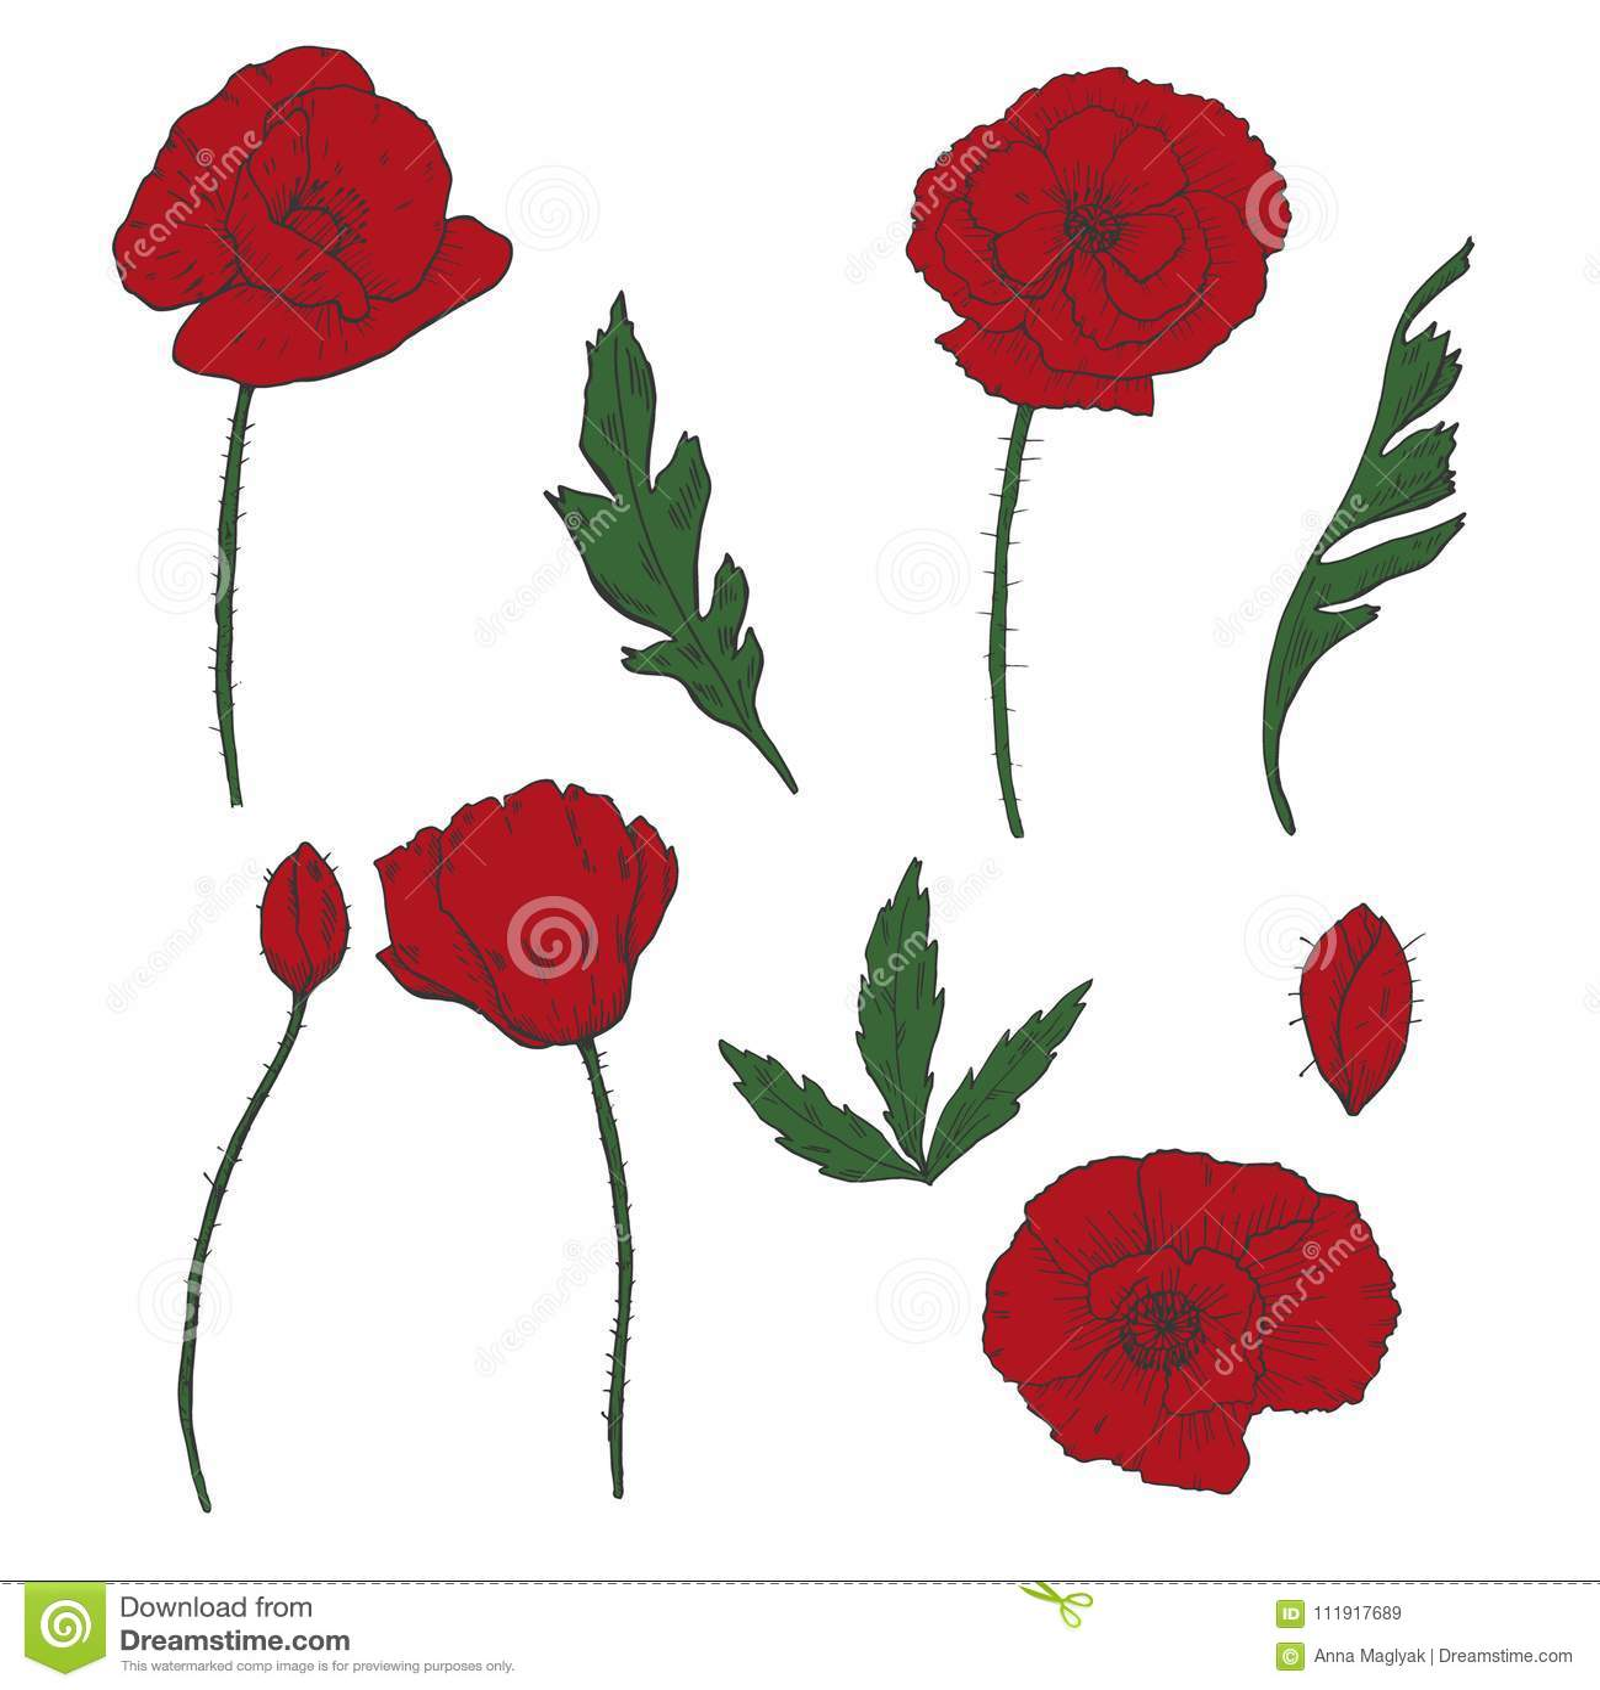 Drawing Flowers Poppy Flower Clip Art Stock Vector Illustration